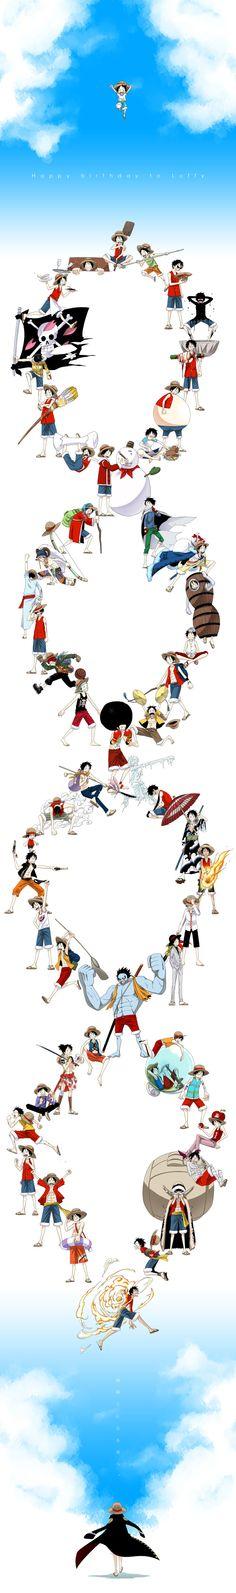 Luffy los mejores instantes de sus batallas <3